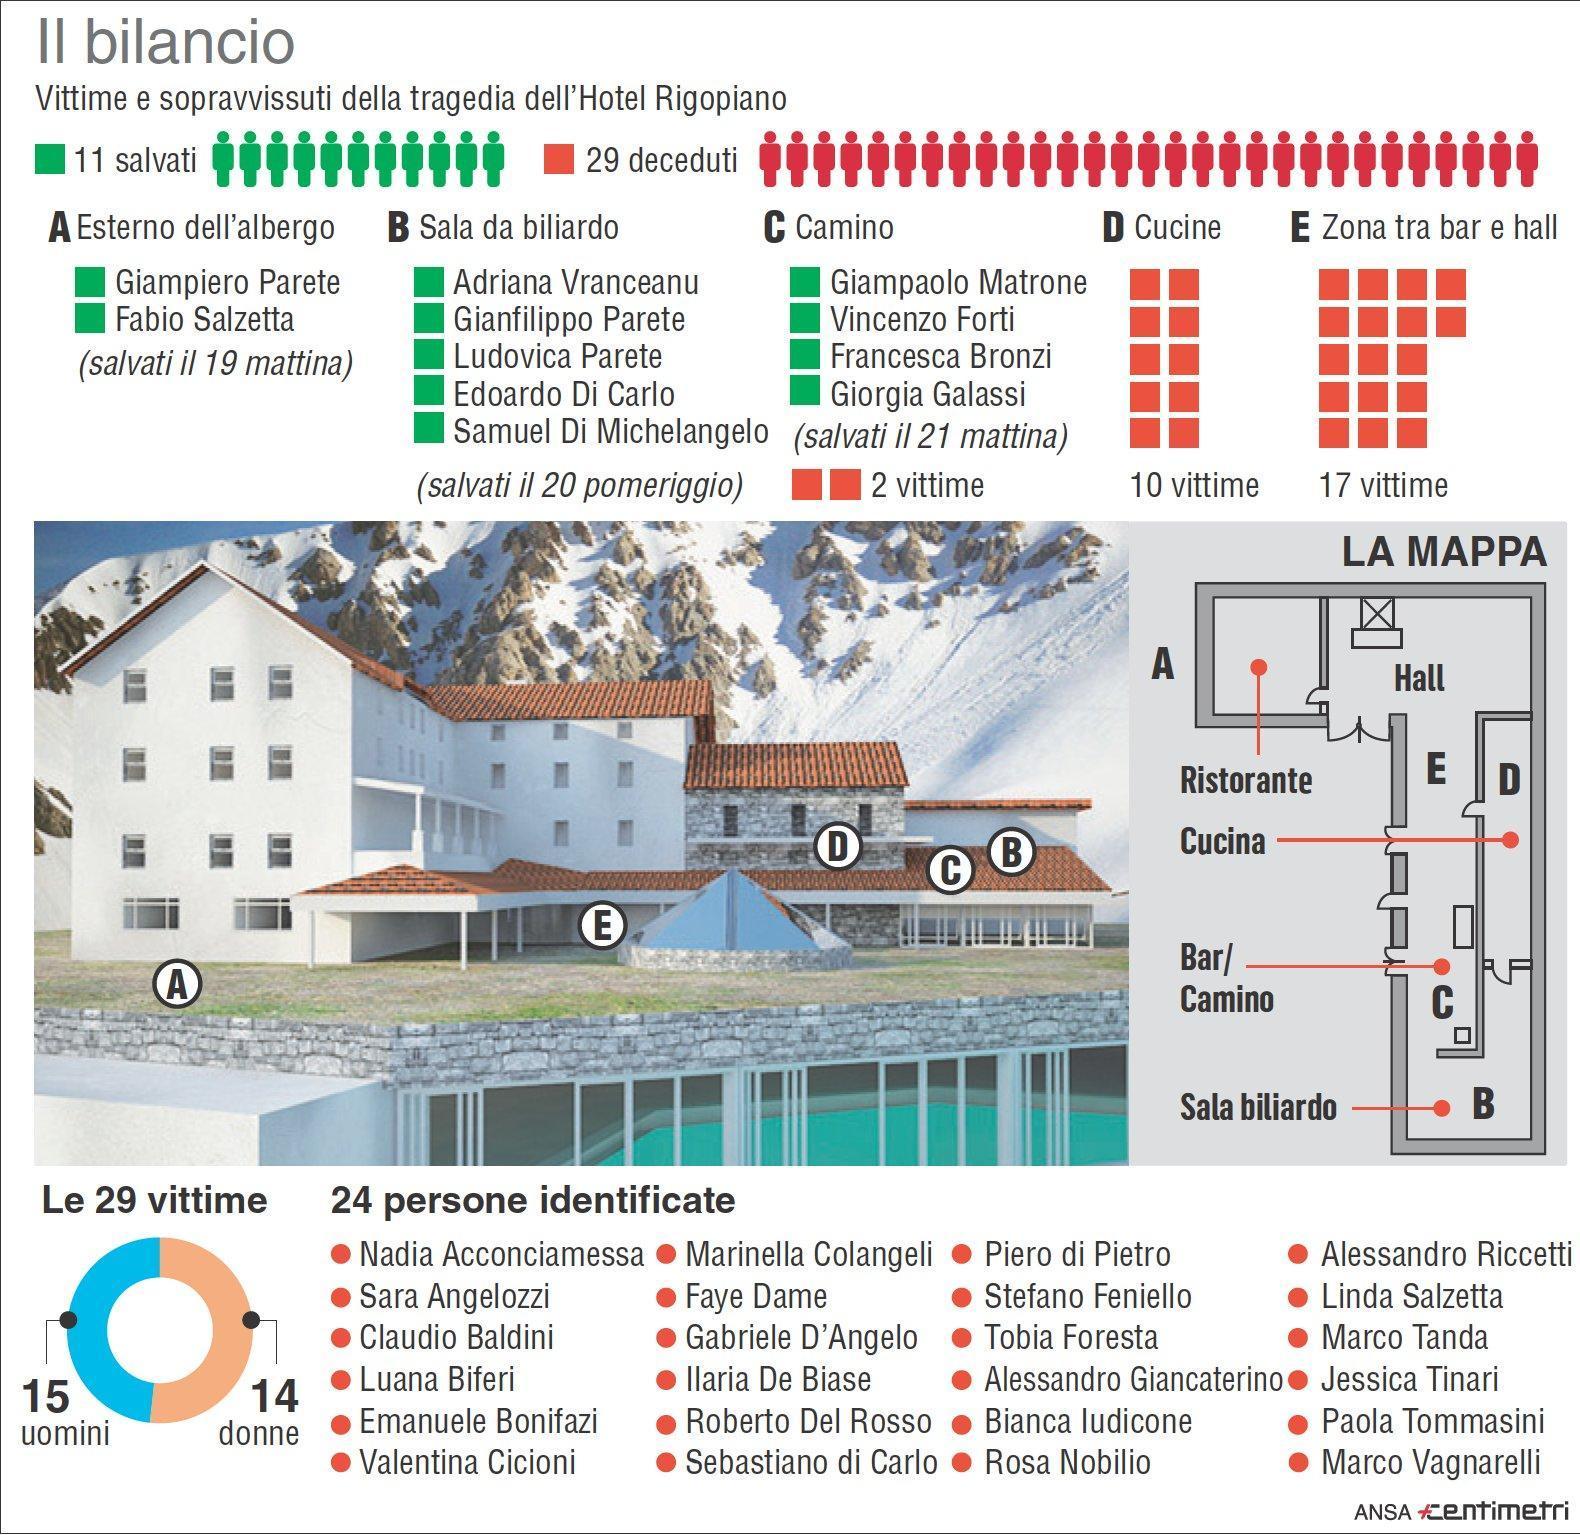 Rigopiano: il bilancio della tragedia